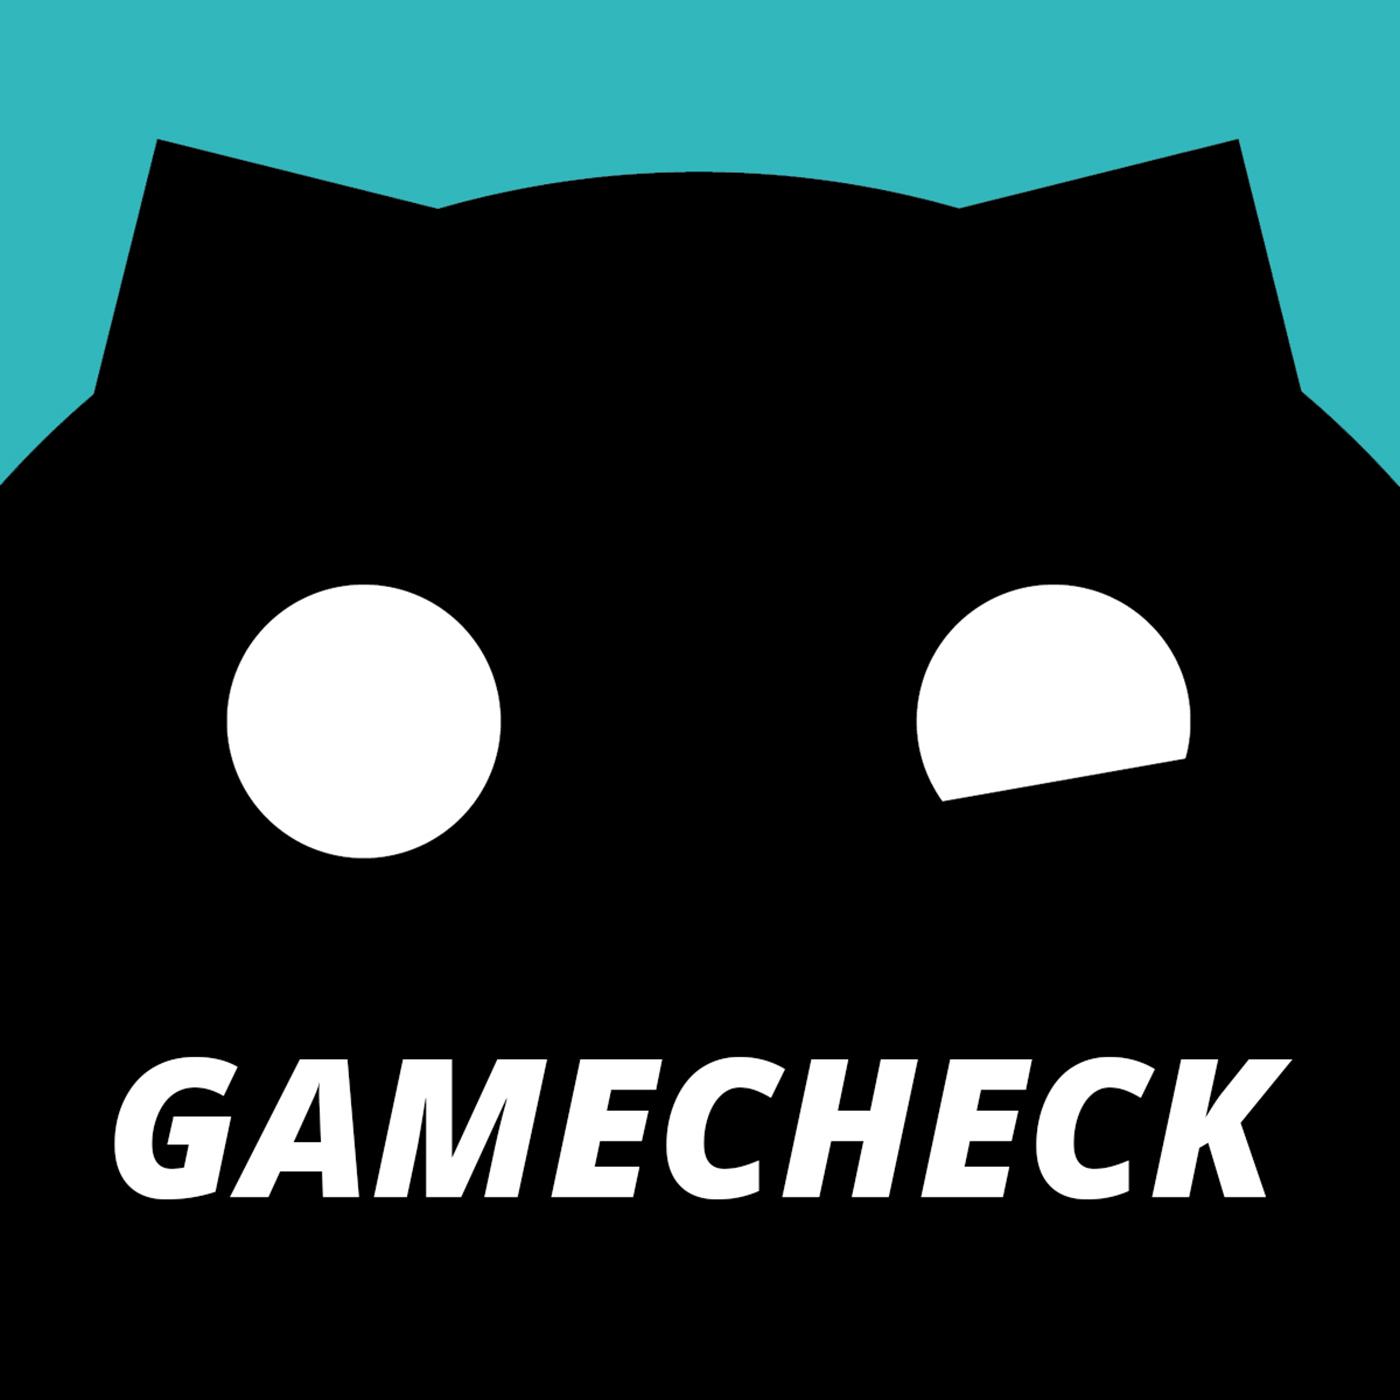 MDR SPUTNIK Gamecheck logo